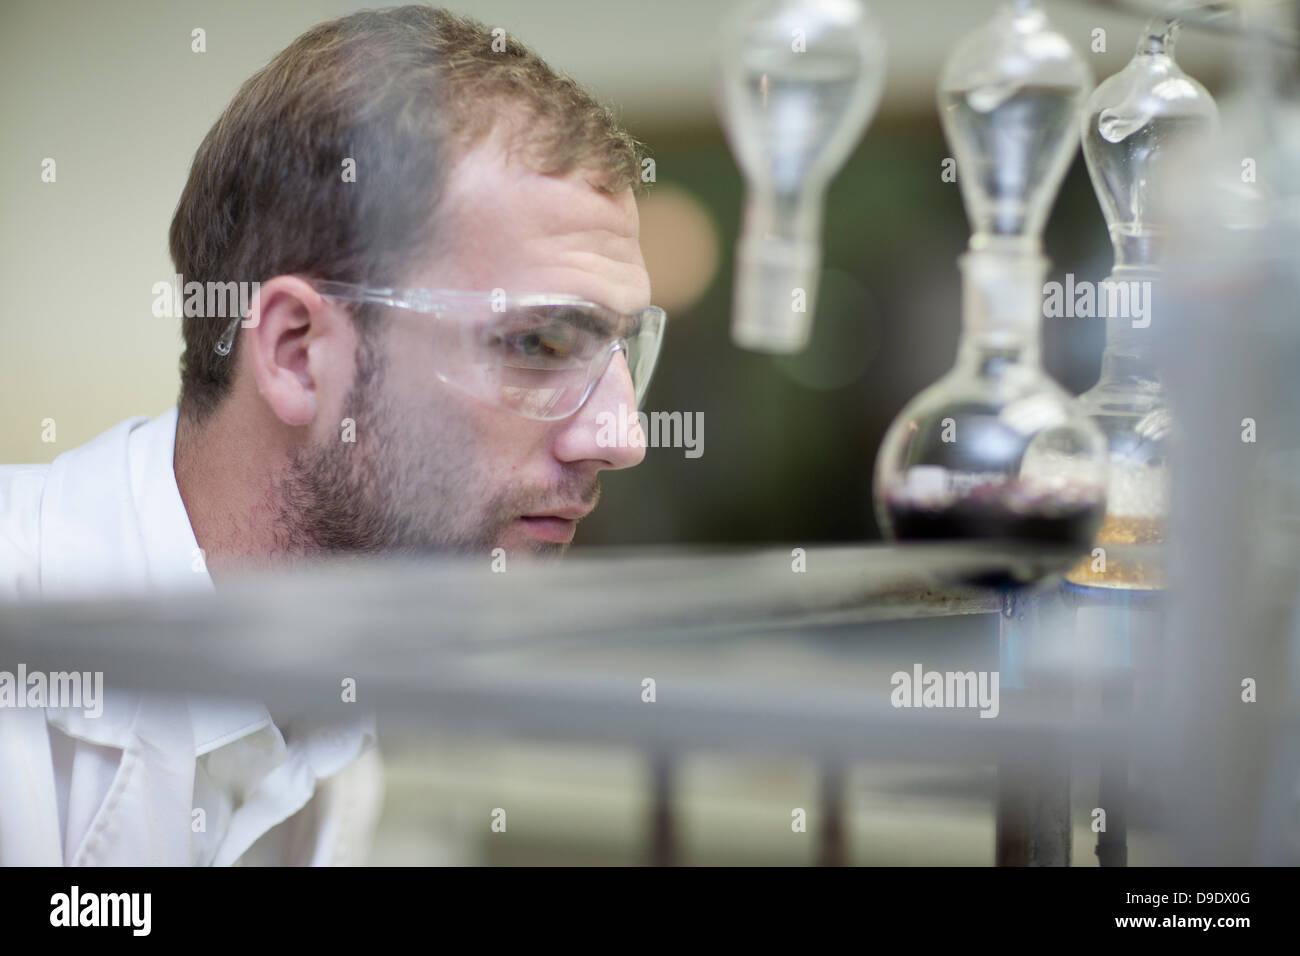 L'analyse des échantillons de contrôle de l'oenologue in laboratory Photo Stock